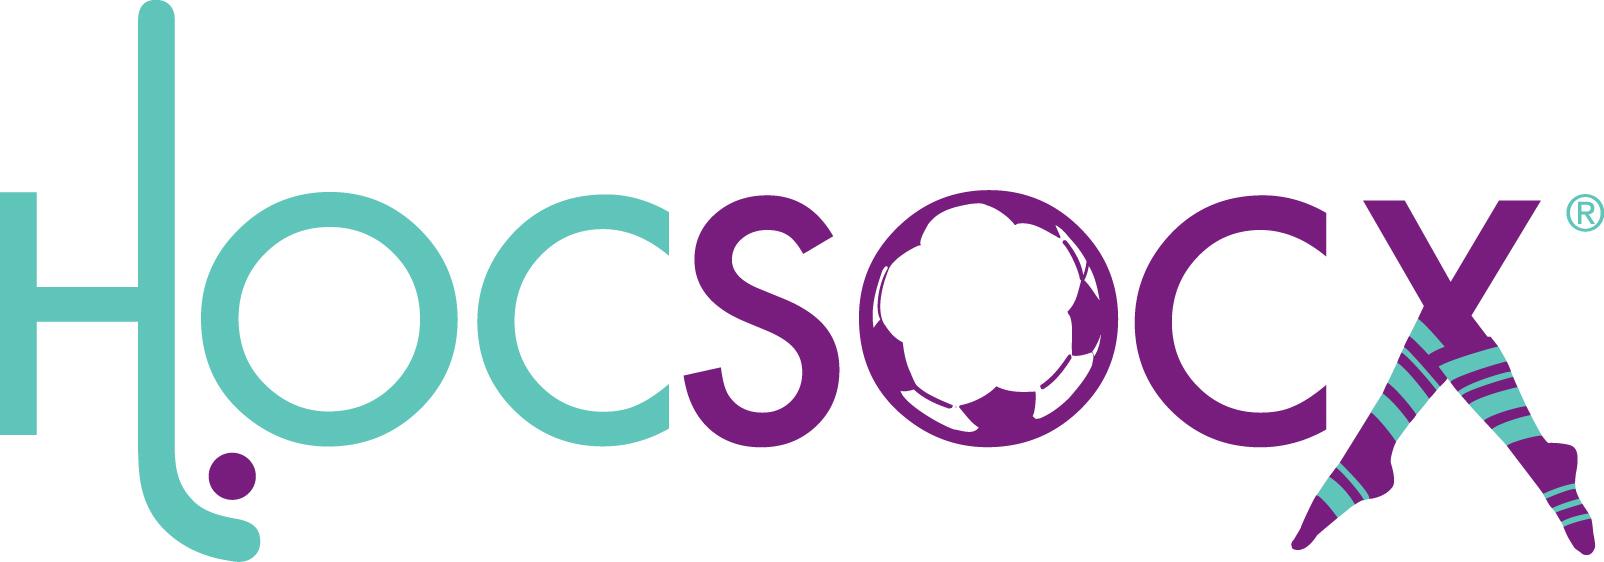 Original 2c hoc logo no tag copy